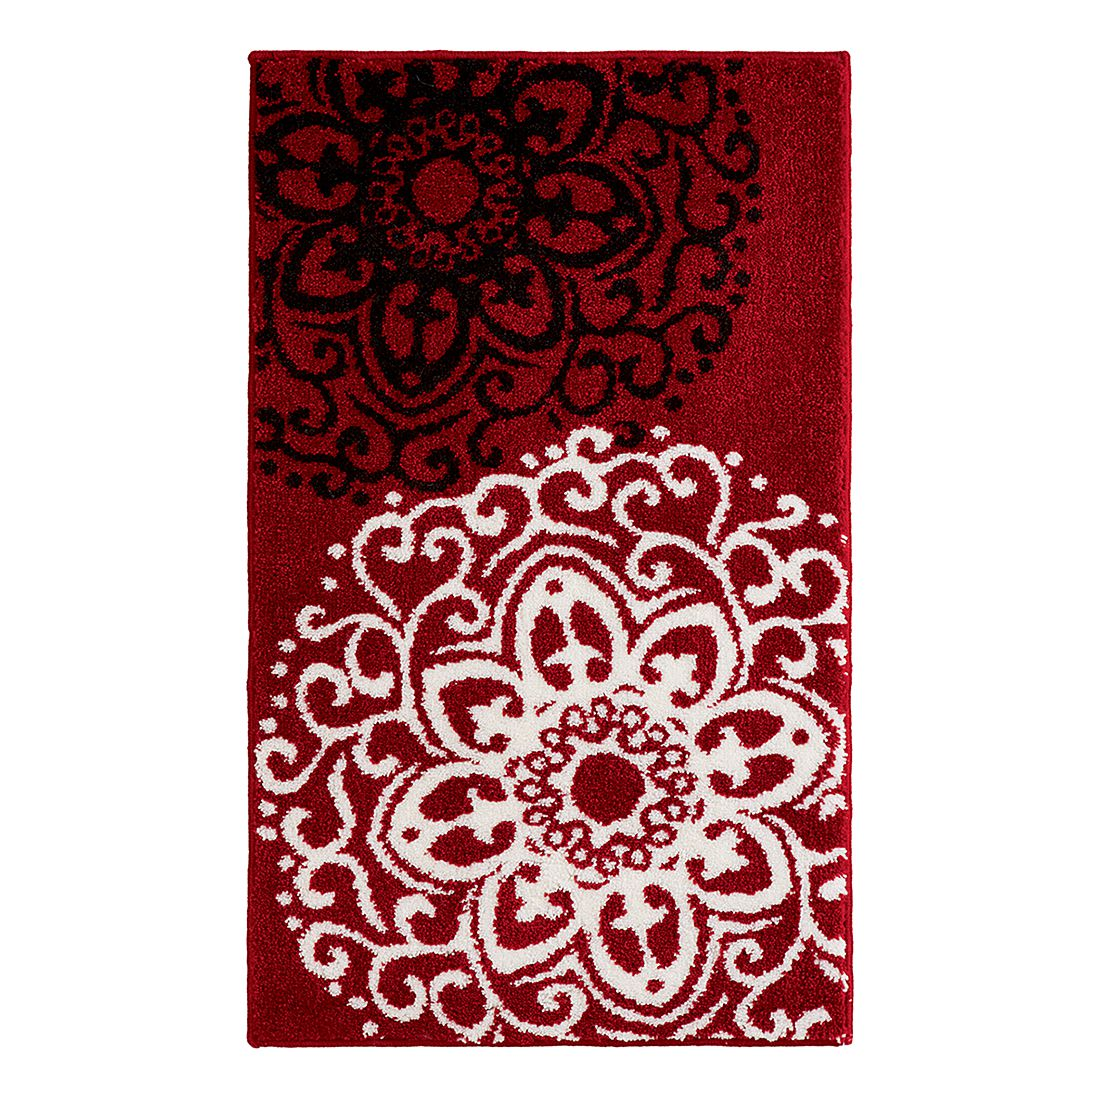 badteppich rosetta rot wc vorlage ohne ausschnitt grund g nstig kaufen. Black Bedroom Furniture Sets. Home Design Ideas